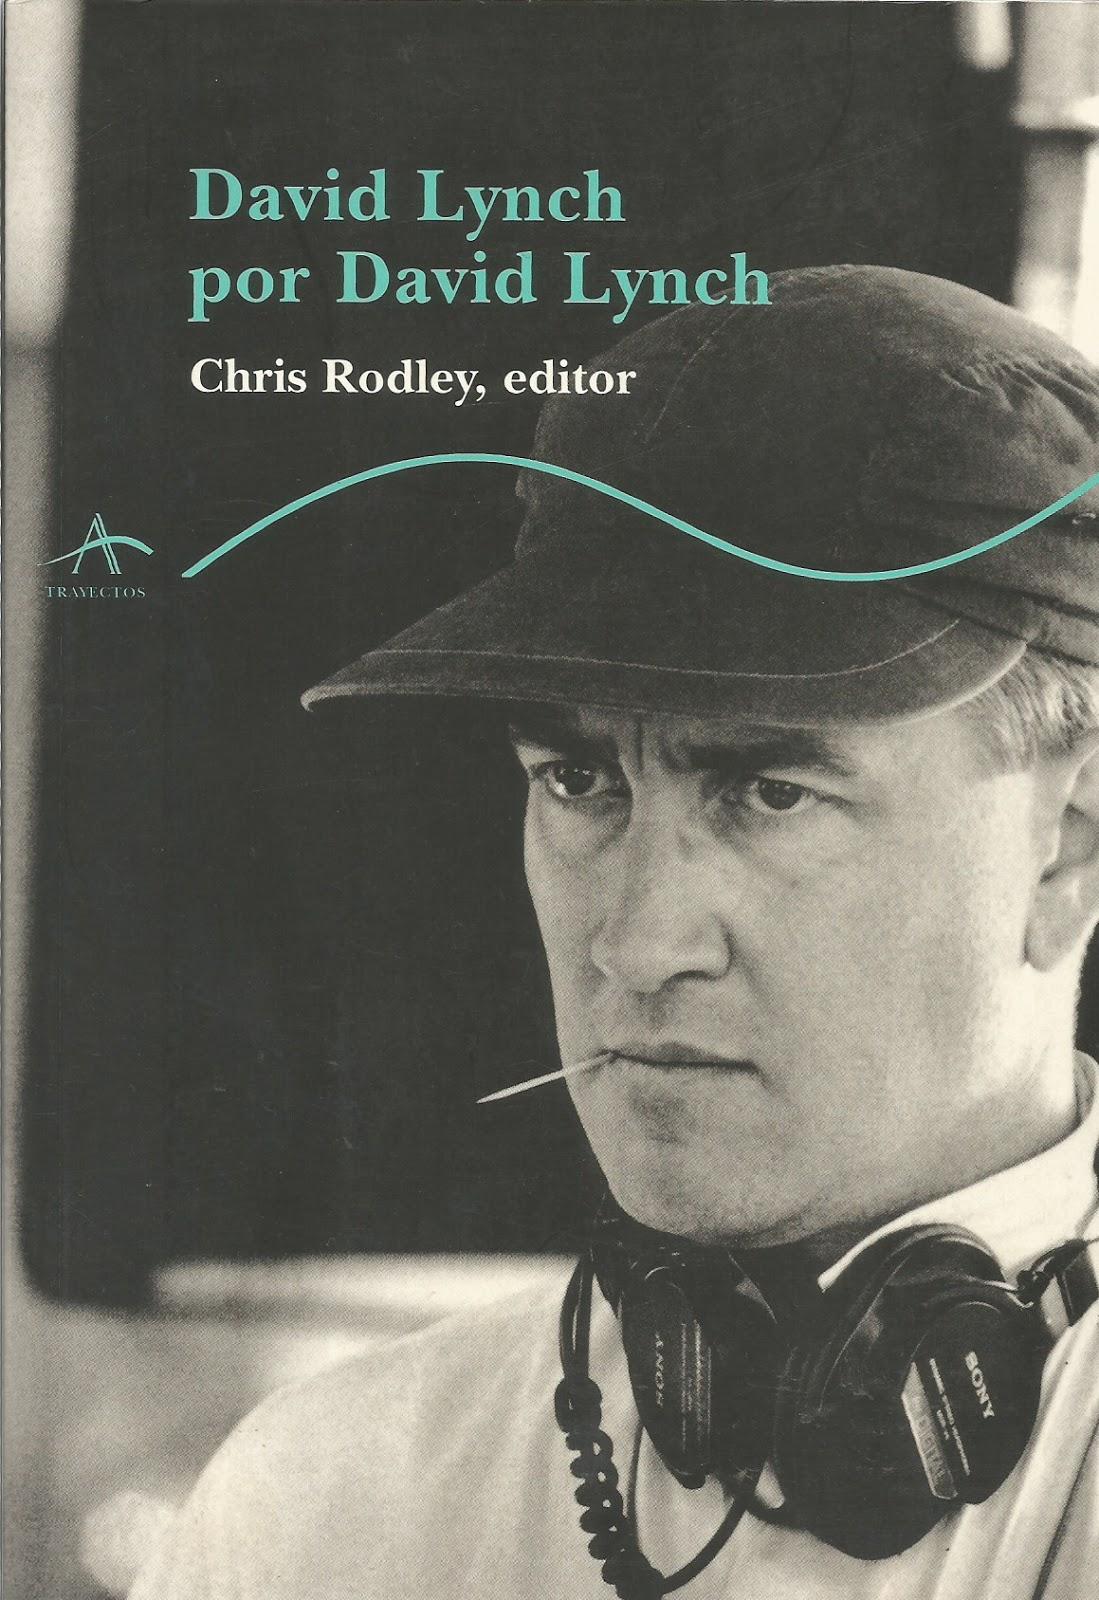 Doppelgängers y tarta de cerezas: el topic de Twin Peaks - Página 3 LynchXlynch